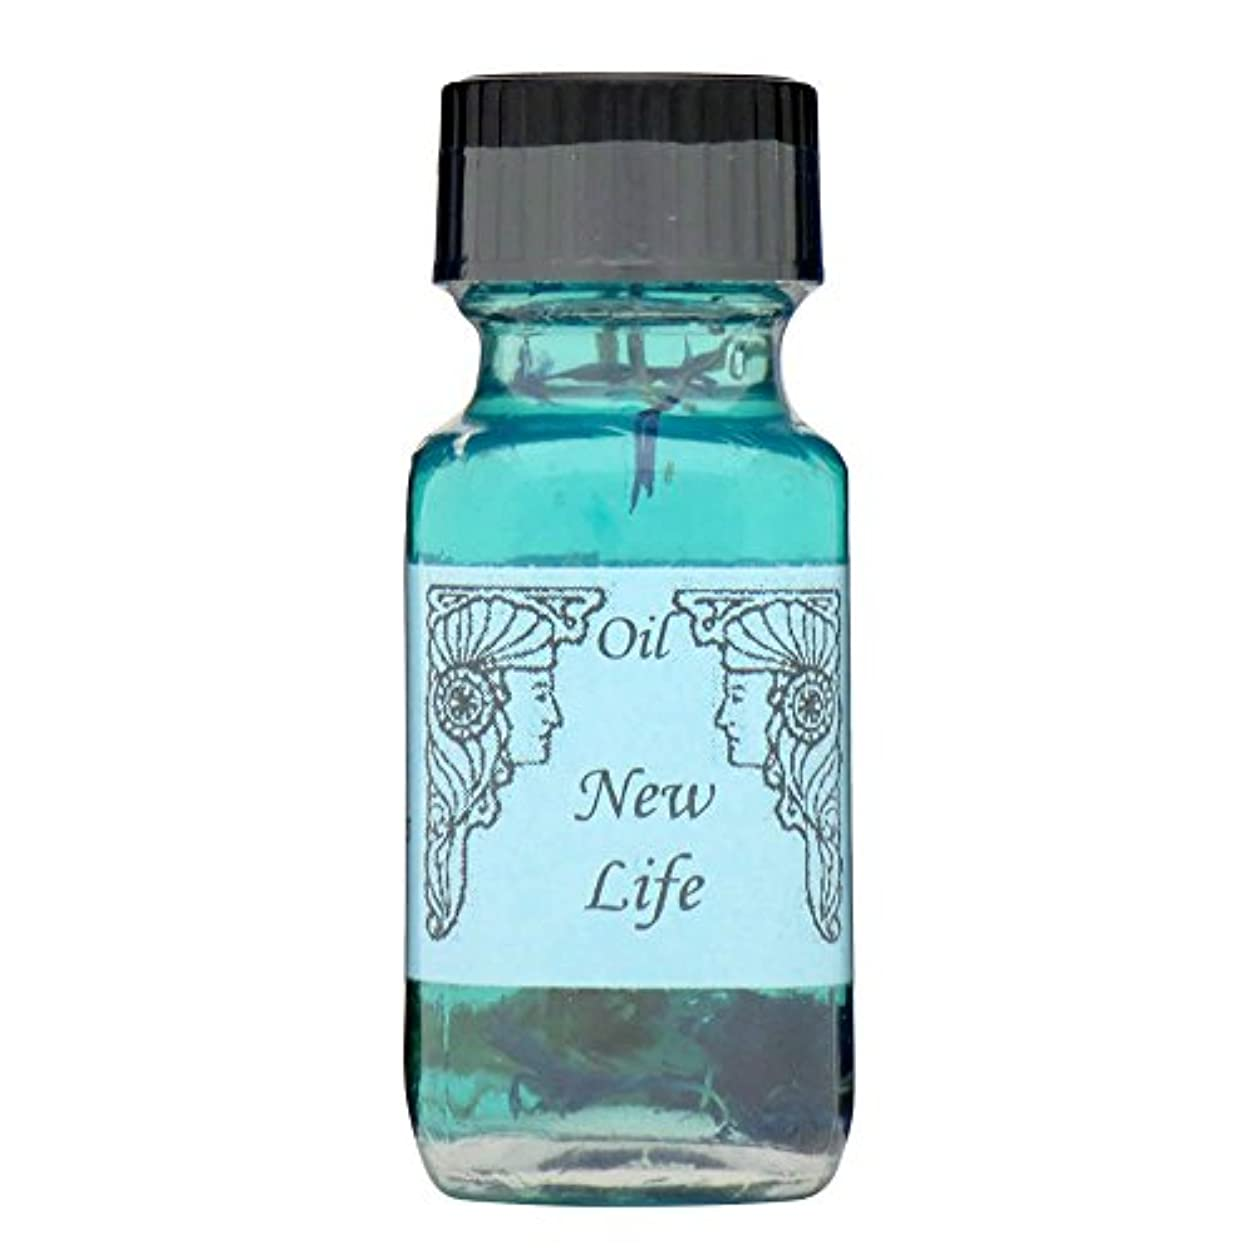 アンシェントメモリーオイル ニューライフ (新しいチャンスと新しい始まり) 15ml (Ancient Memory Oils)